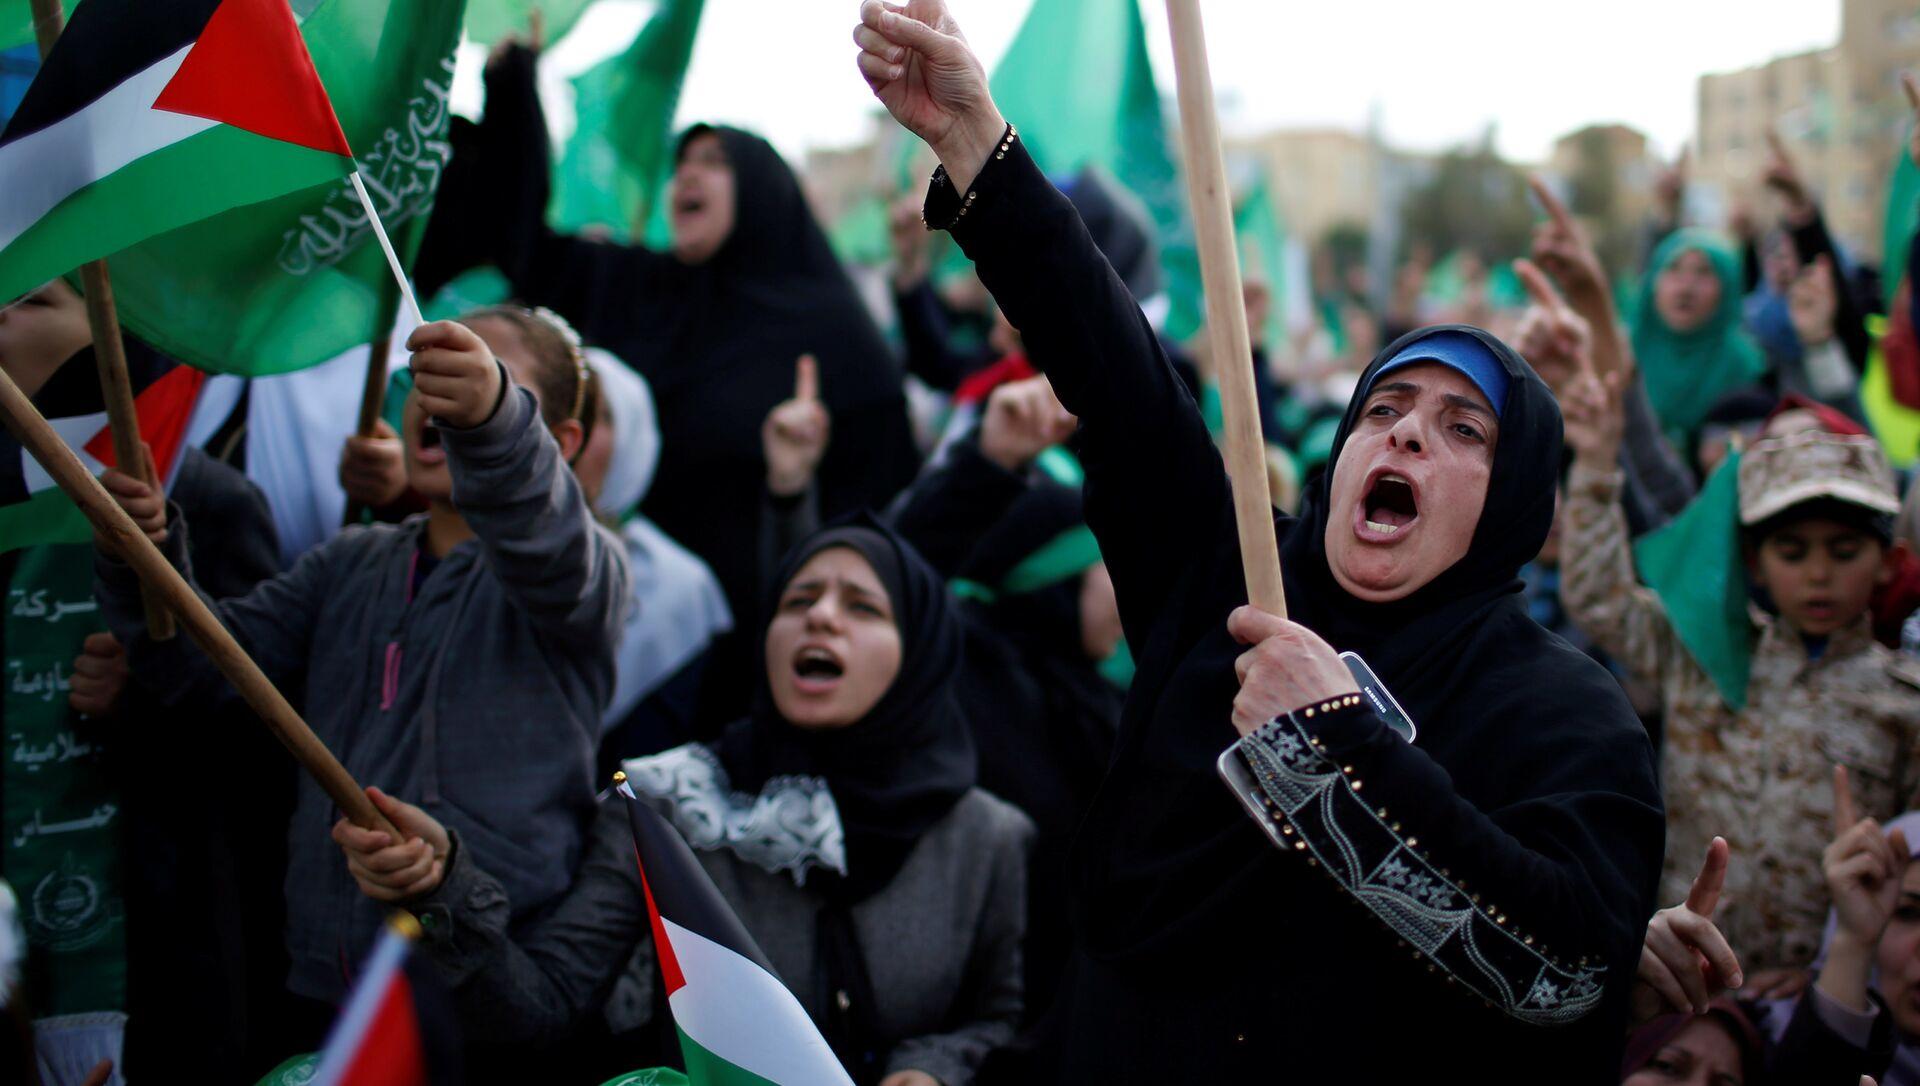 Hamas'ın 30'uncu kuruluş yıl dönümü - Sputnik Türkiye, 1920, 18.05.2021